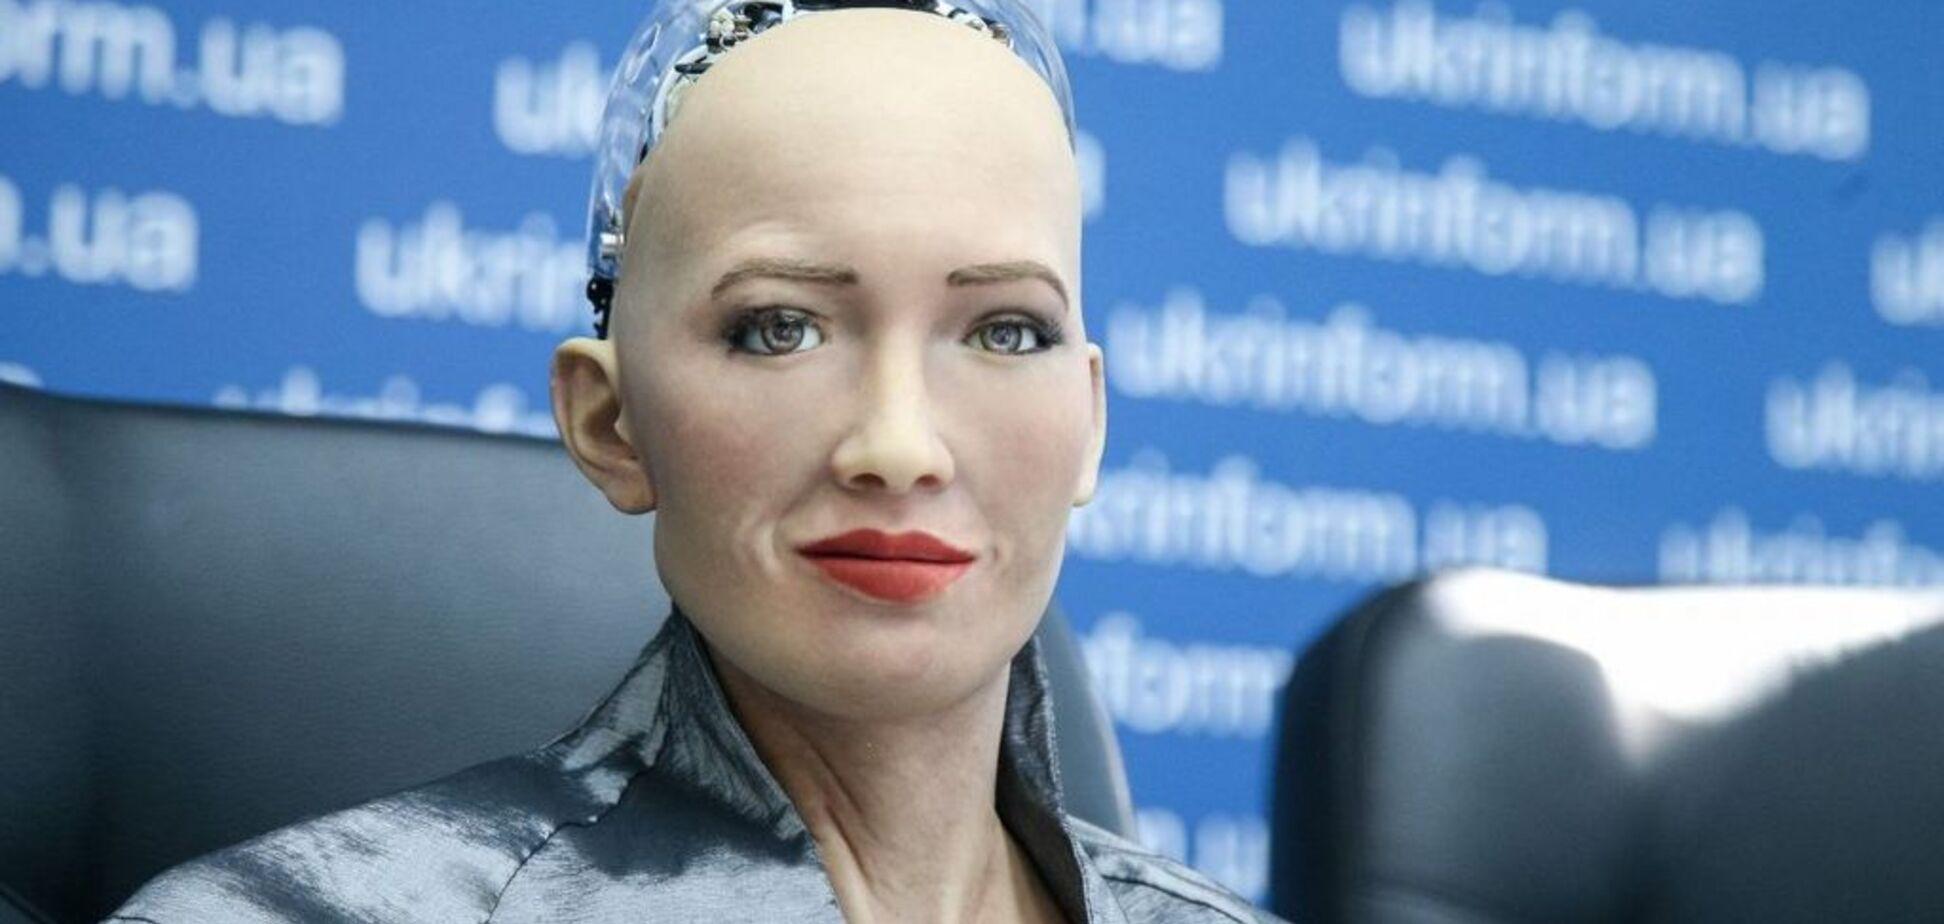 Робот Софія: на що насправді здатний штучний інтелект